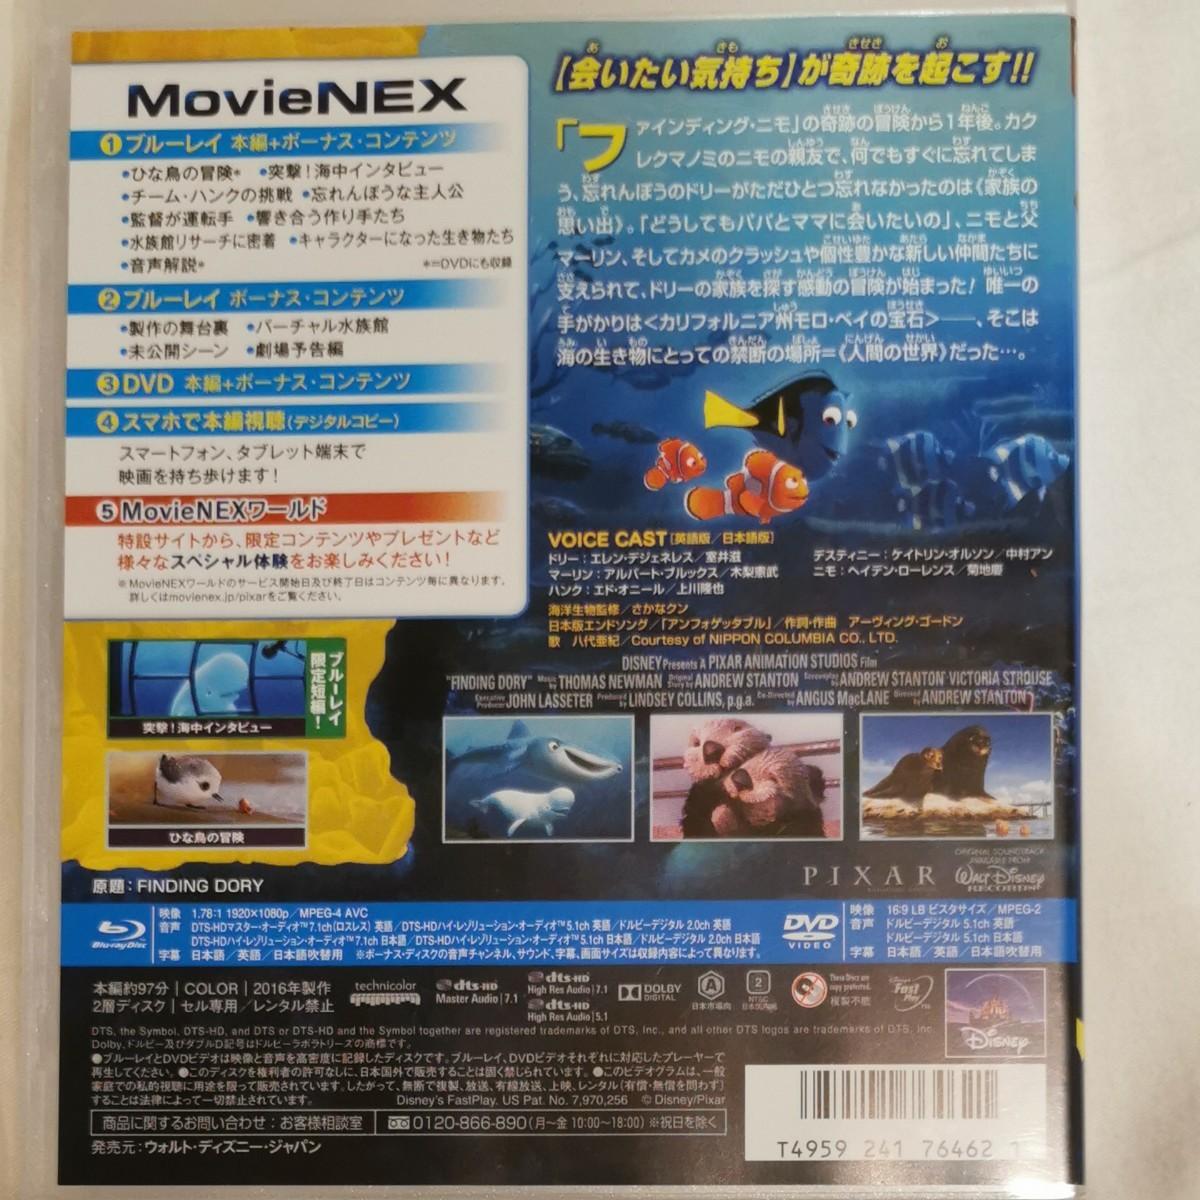 DVDセット ファインディングニモ ファインディングドリー